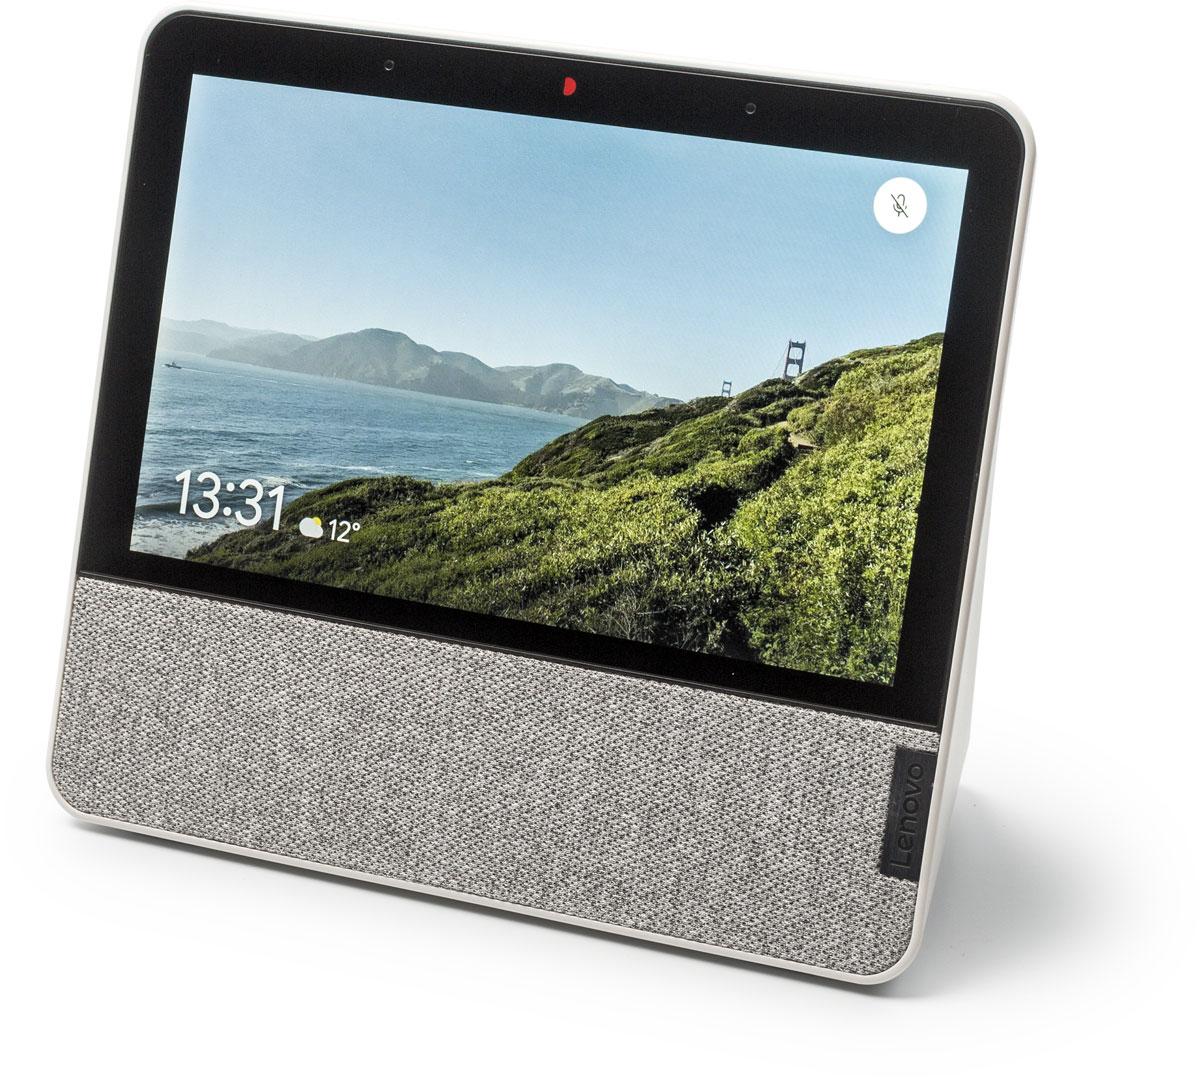 Lenovo 7 smart display